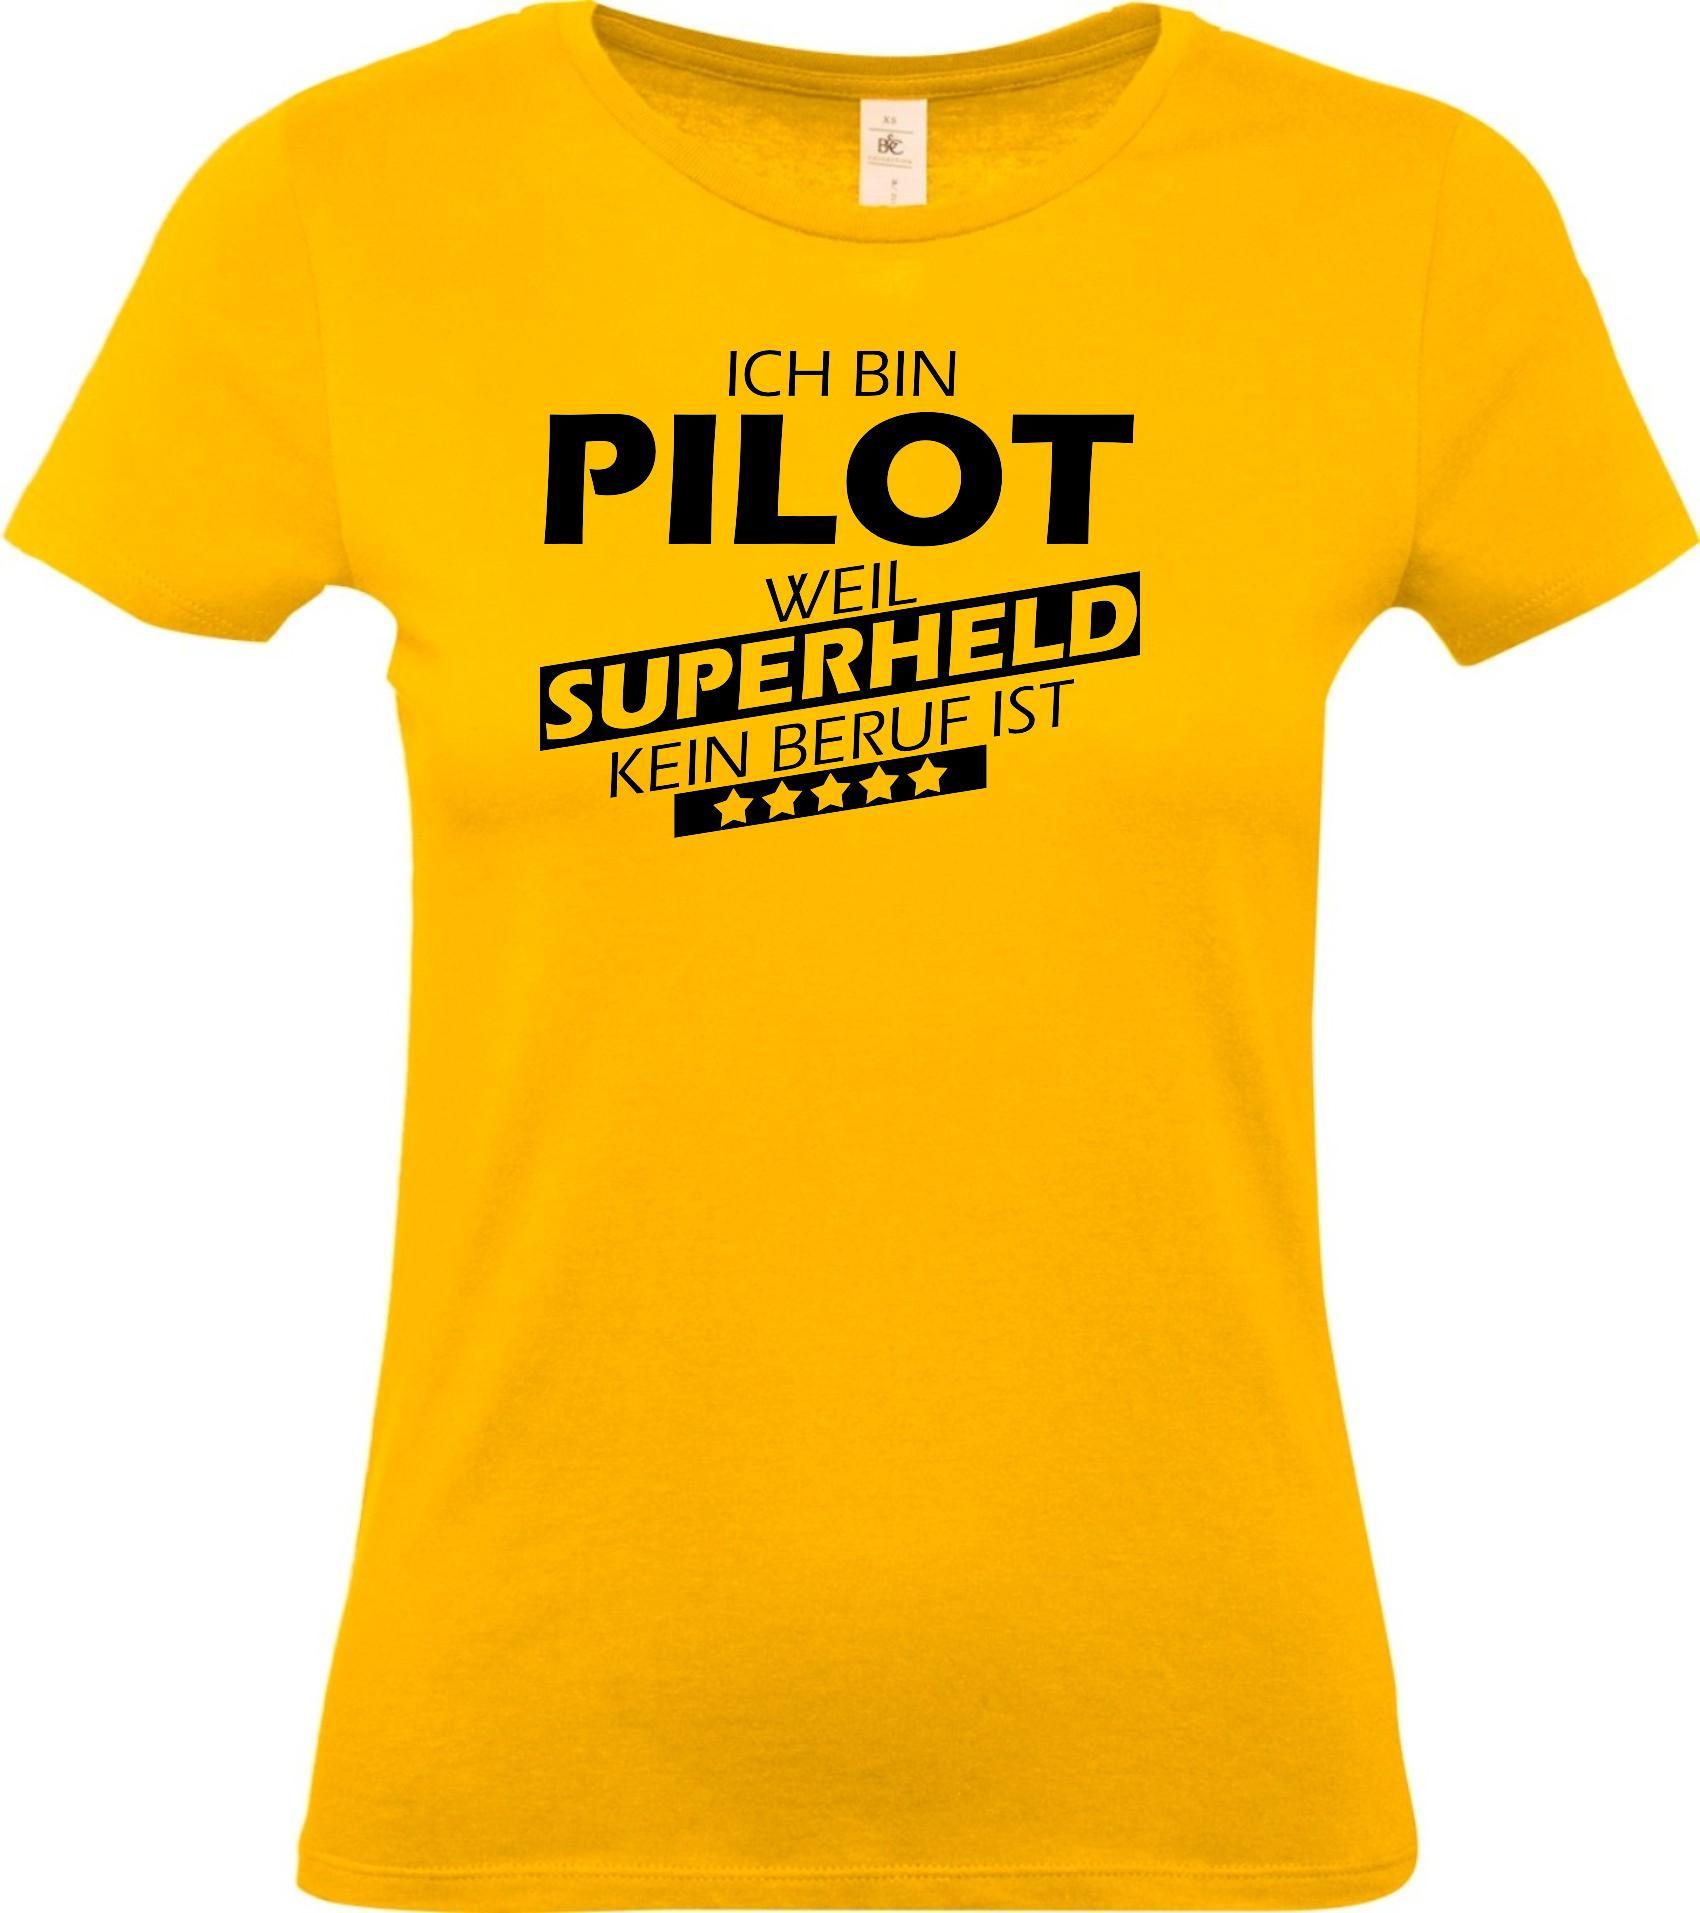 Lady-T-Shirt-Ich-bin-Pilot-weil-Superheld-kein-Beruf-ist